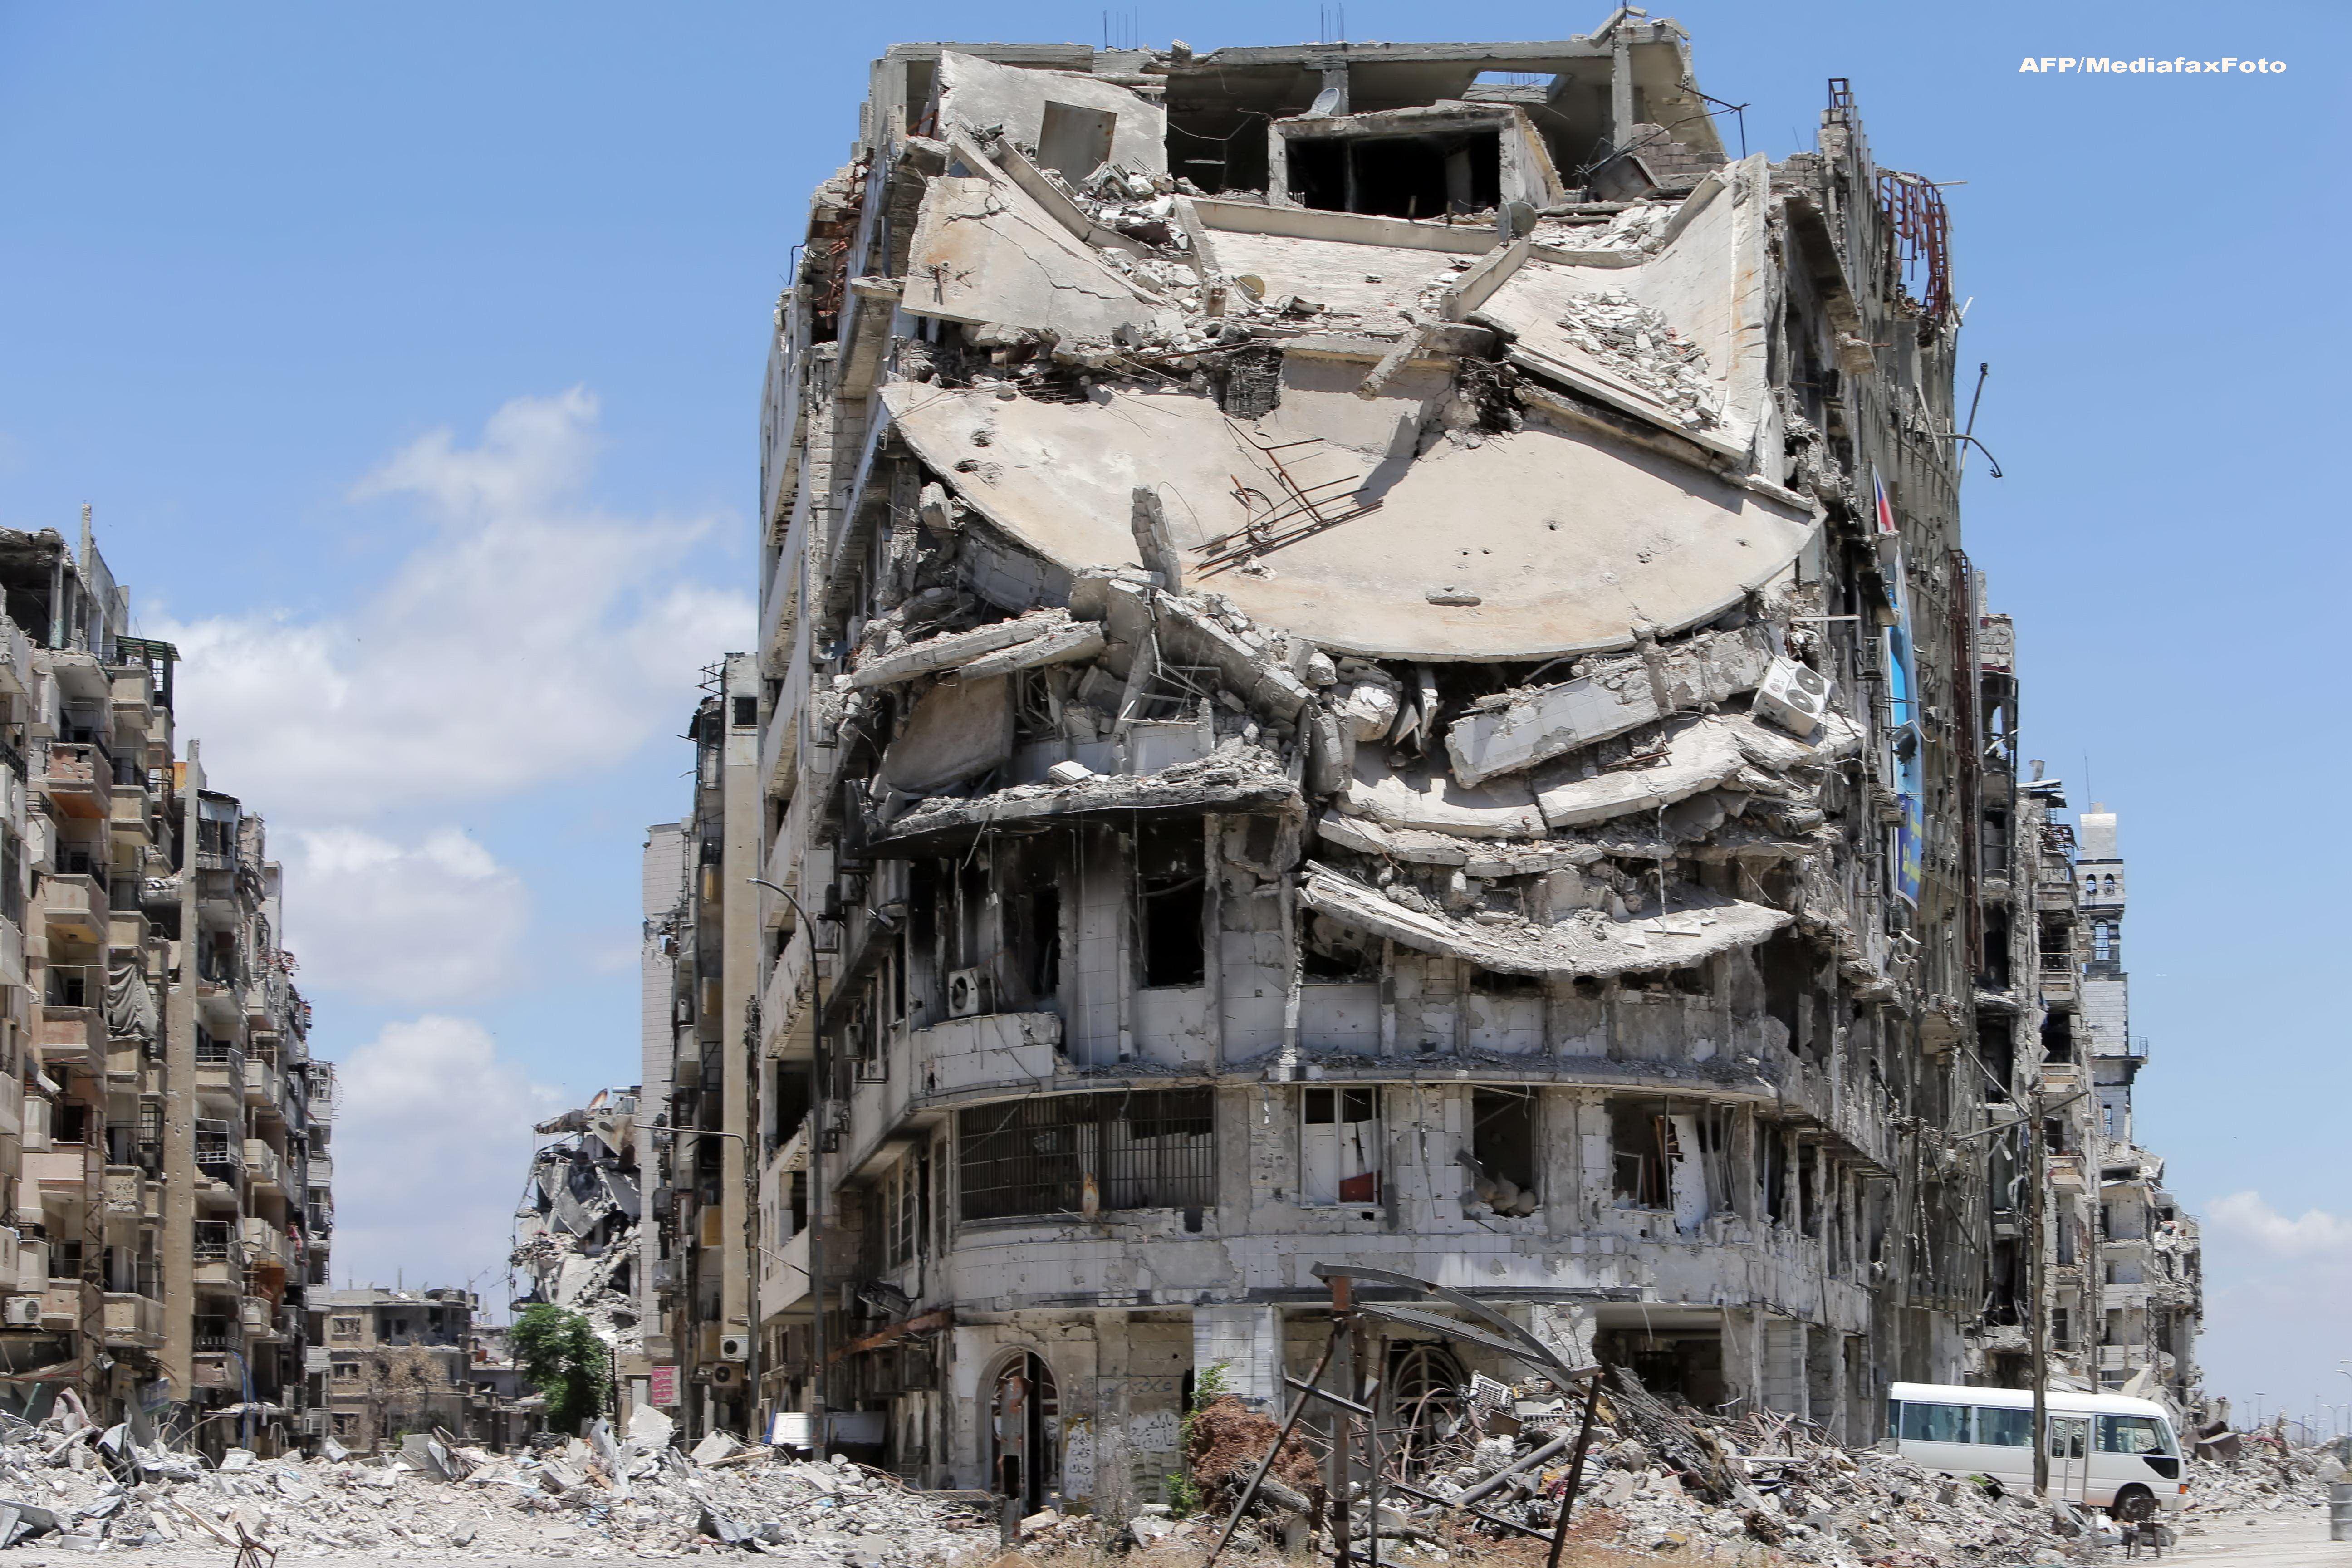 Atentate teroriste de tip kamikaze la o scoala din Siria. Cel putin 41 de COPII au fost ucisi